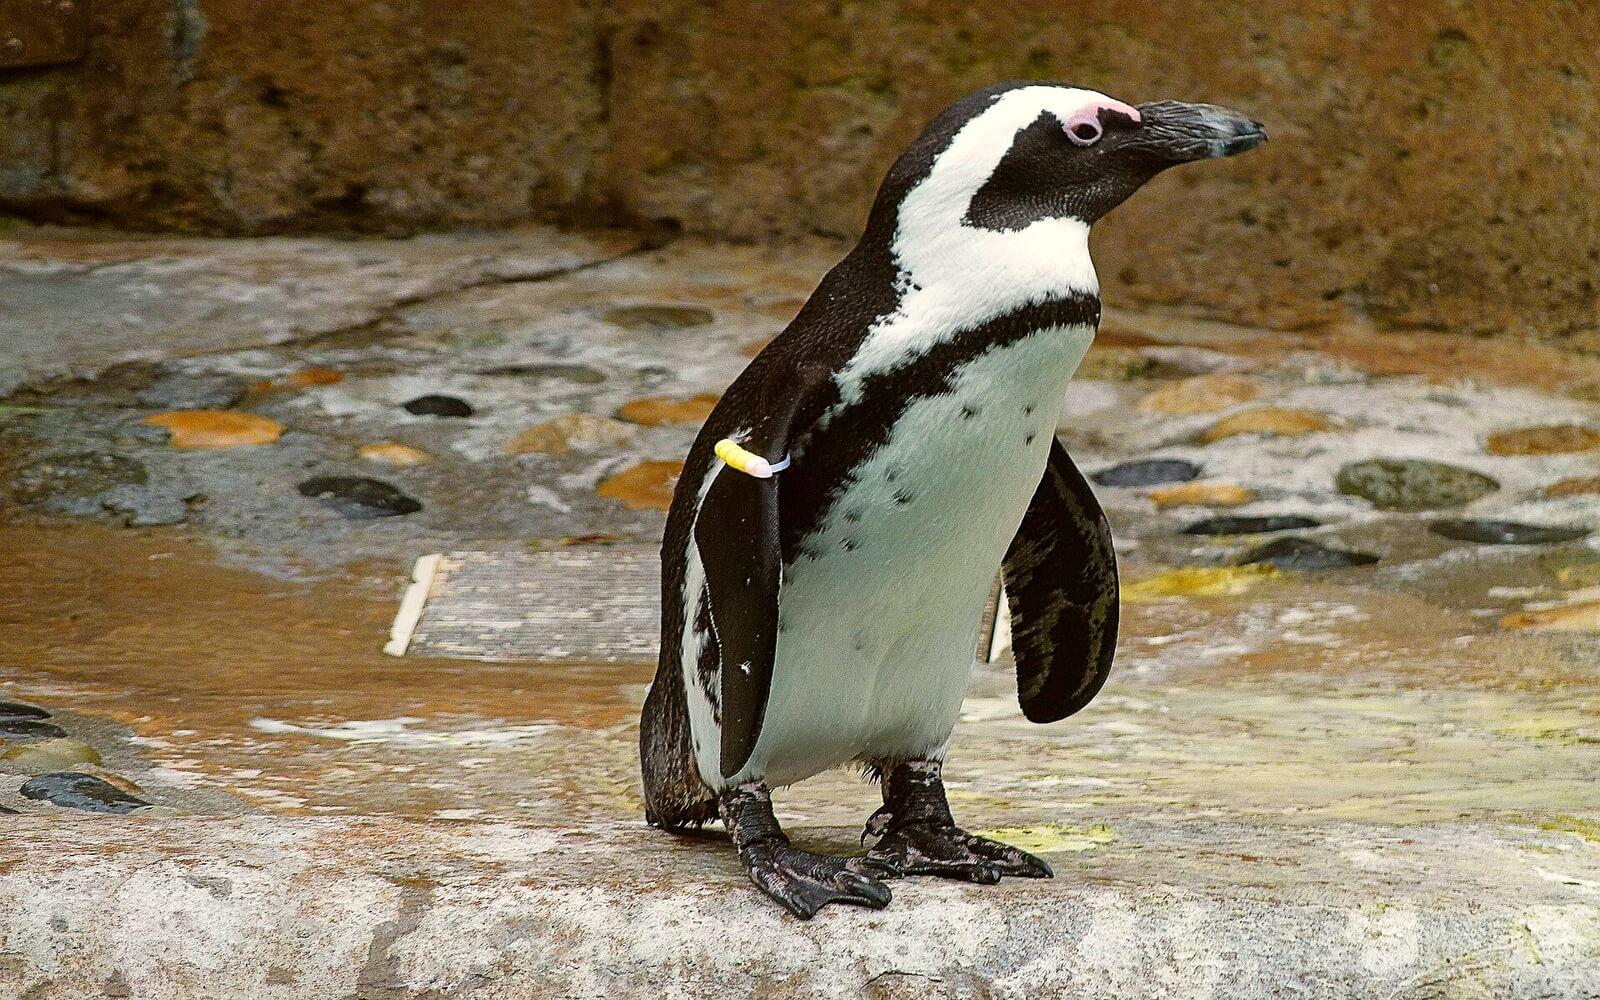 A Penguin at Penguin point, Vancouver Aquarium